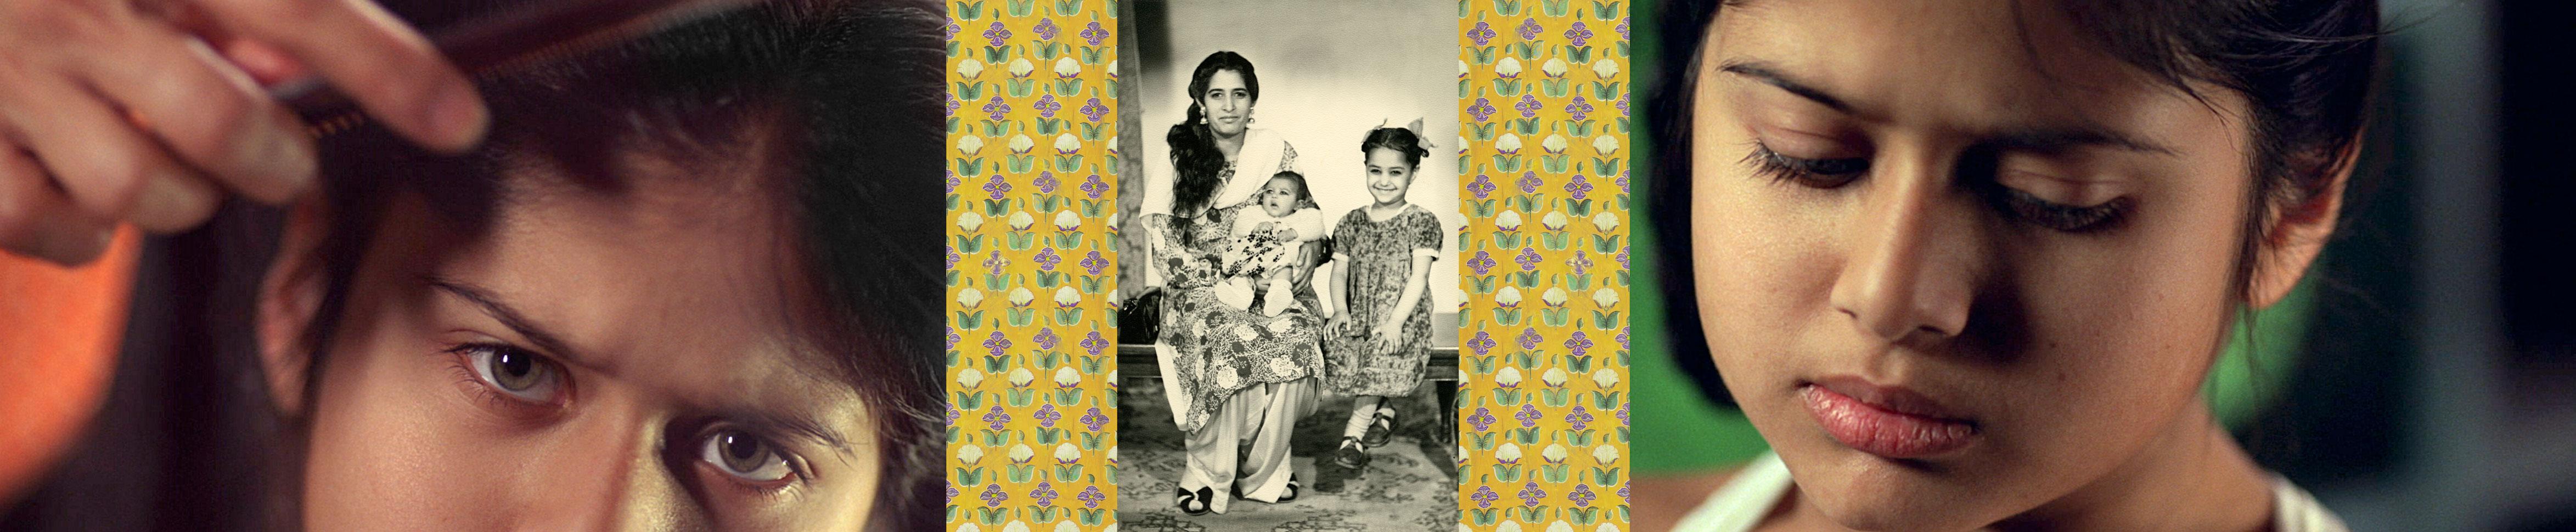 Sarindar Dhaliwal - Mother with Sisters